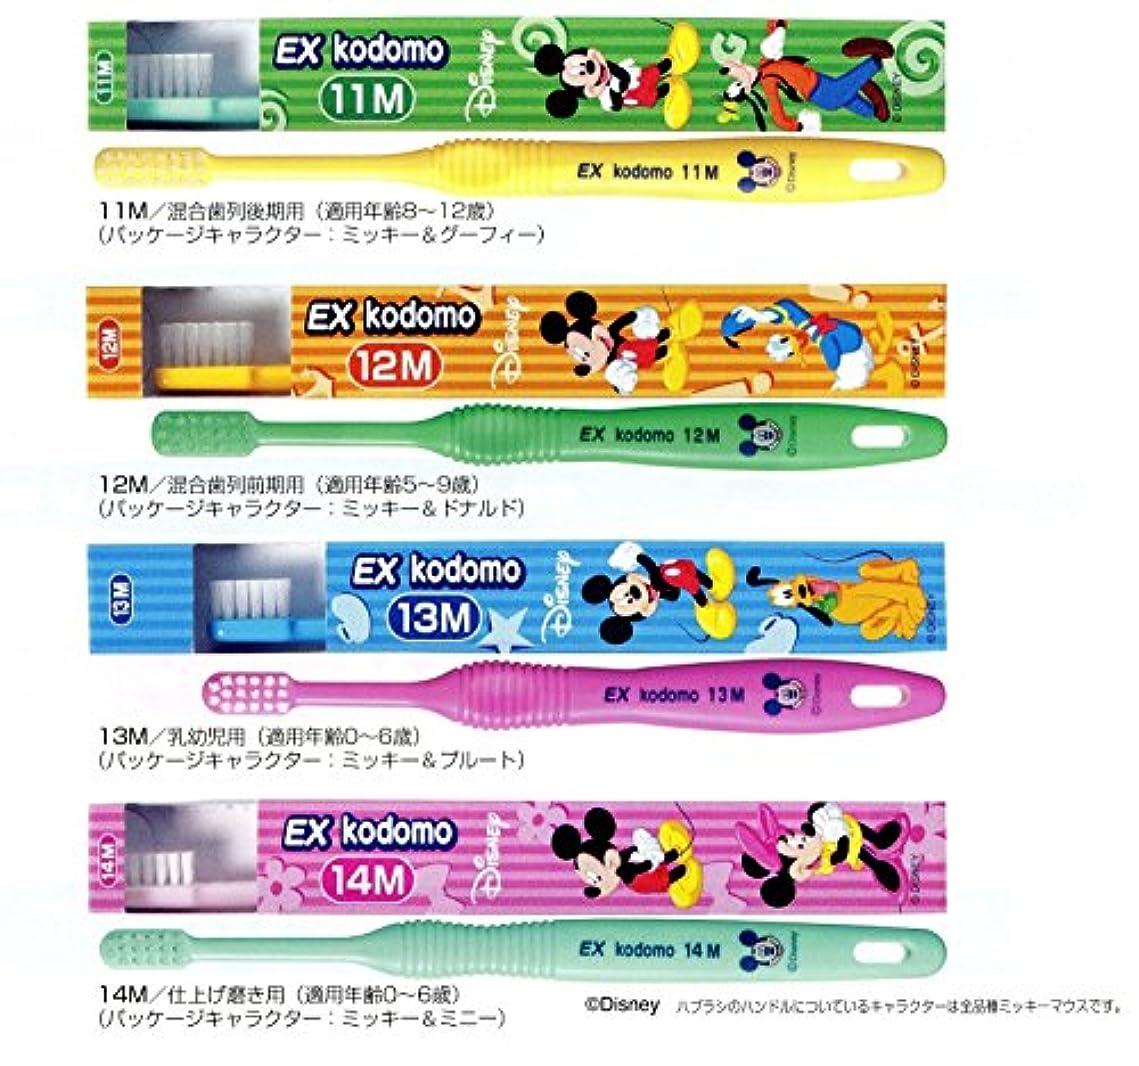 ブリーフケース欠如かもしれないライオン コドモ ディズニー DENT.EX kodomo Disney 1本 11M グリーン (8?12歳)